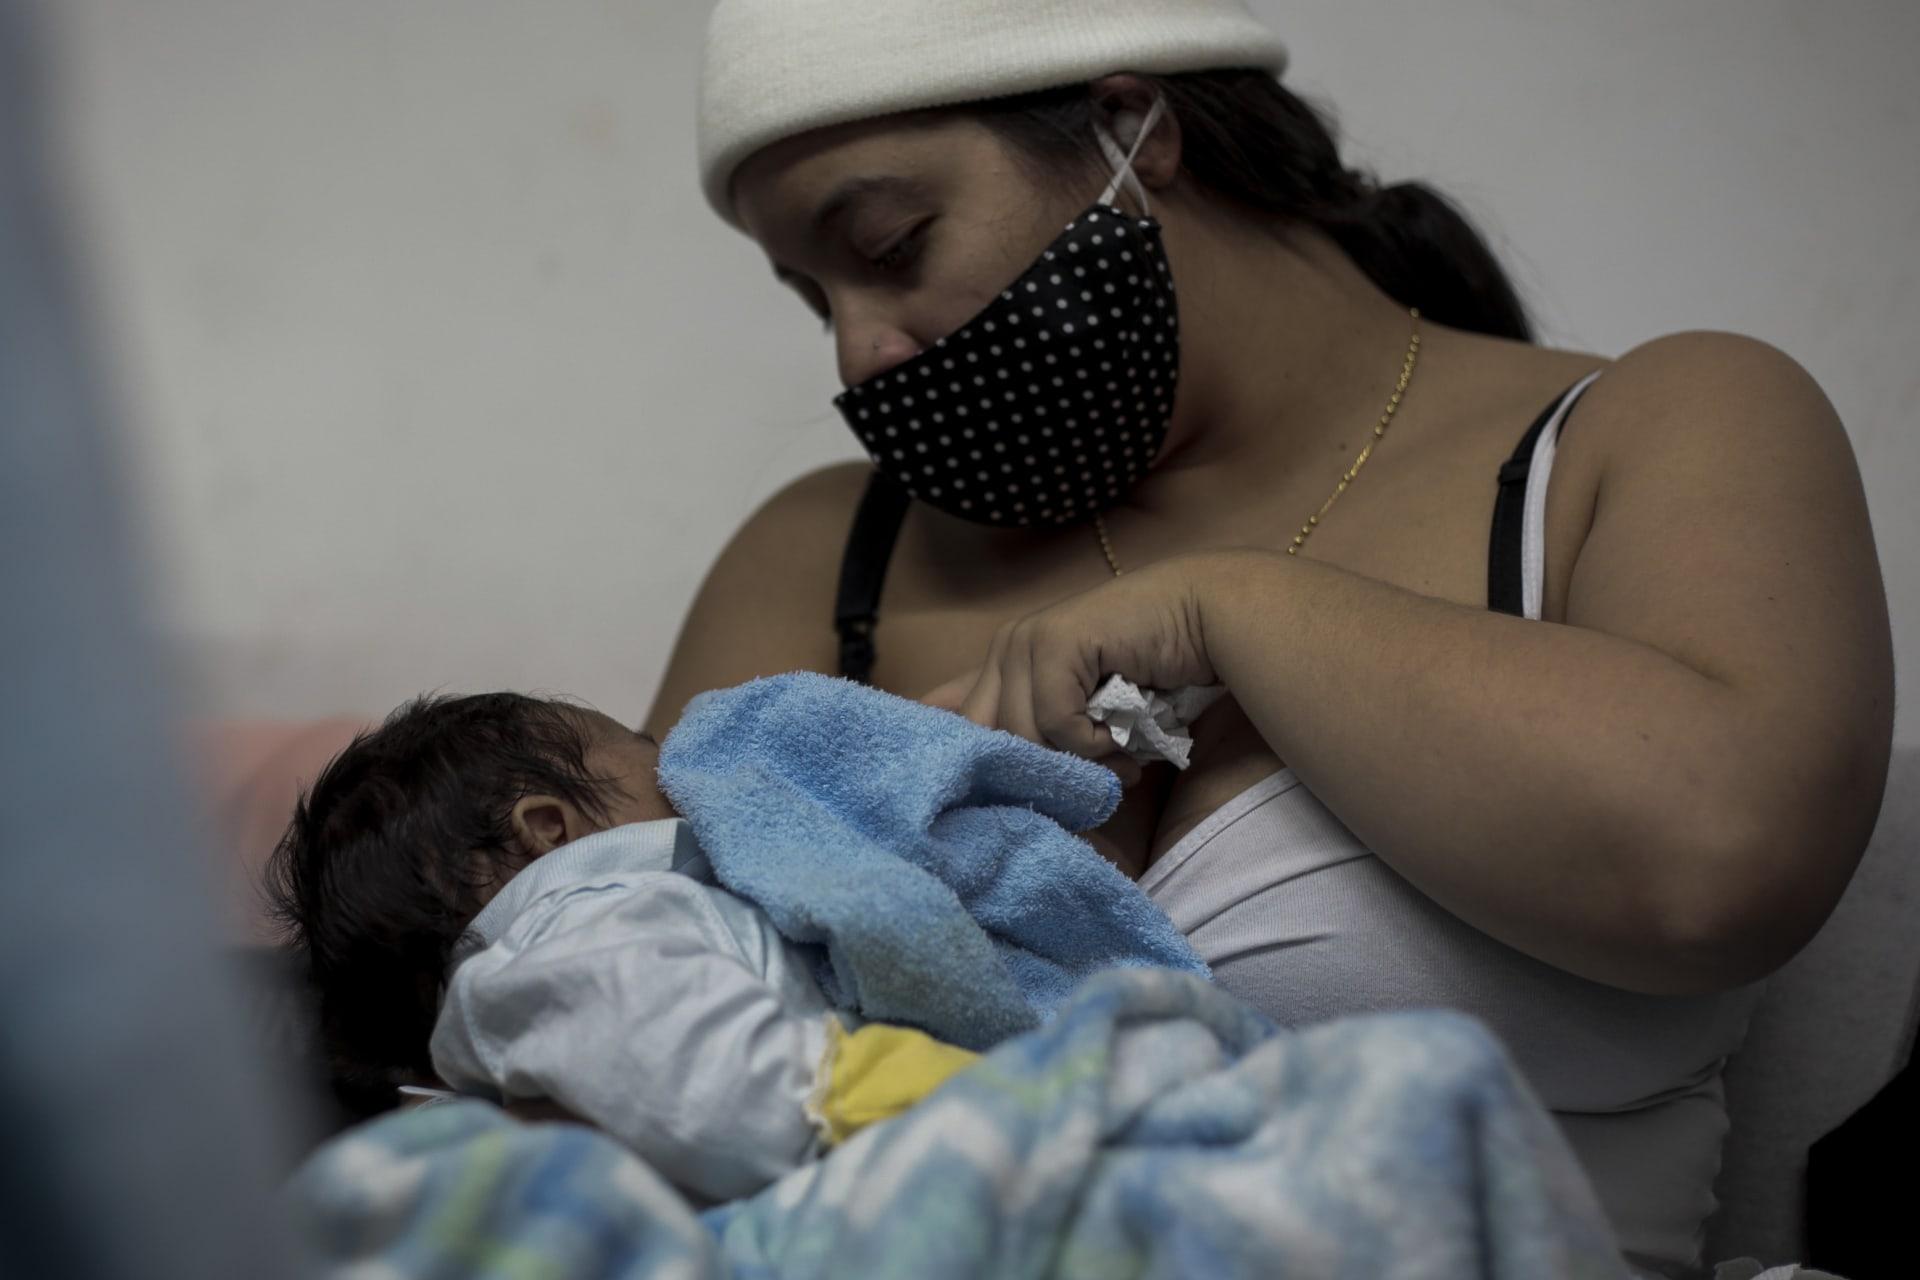 الصحة العالمية تنصح الأمهات المصابات بكورونا بمواصلة الرضاعة الطبيعية لأطفالهن